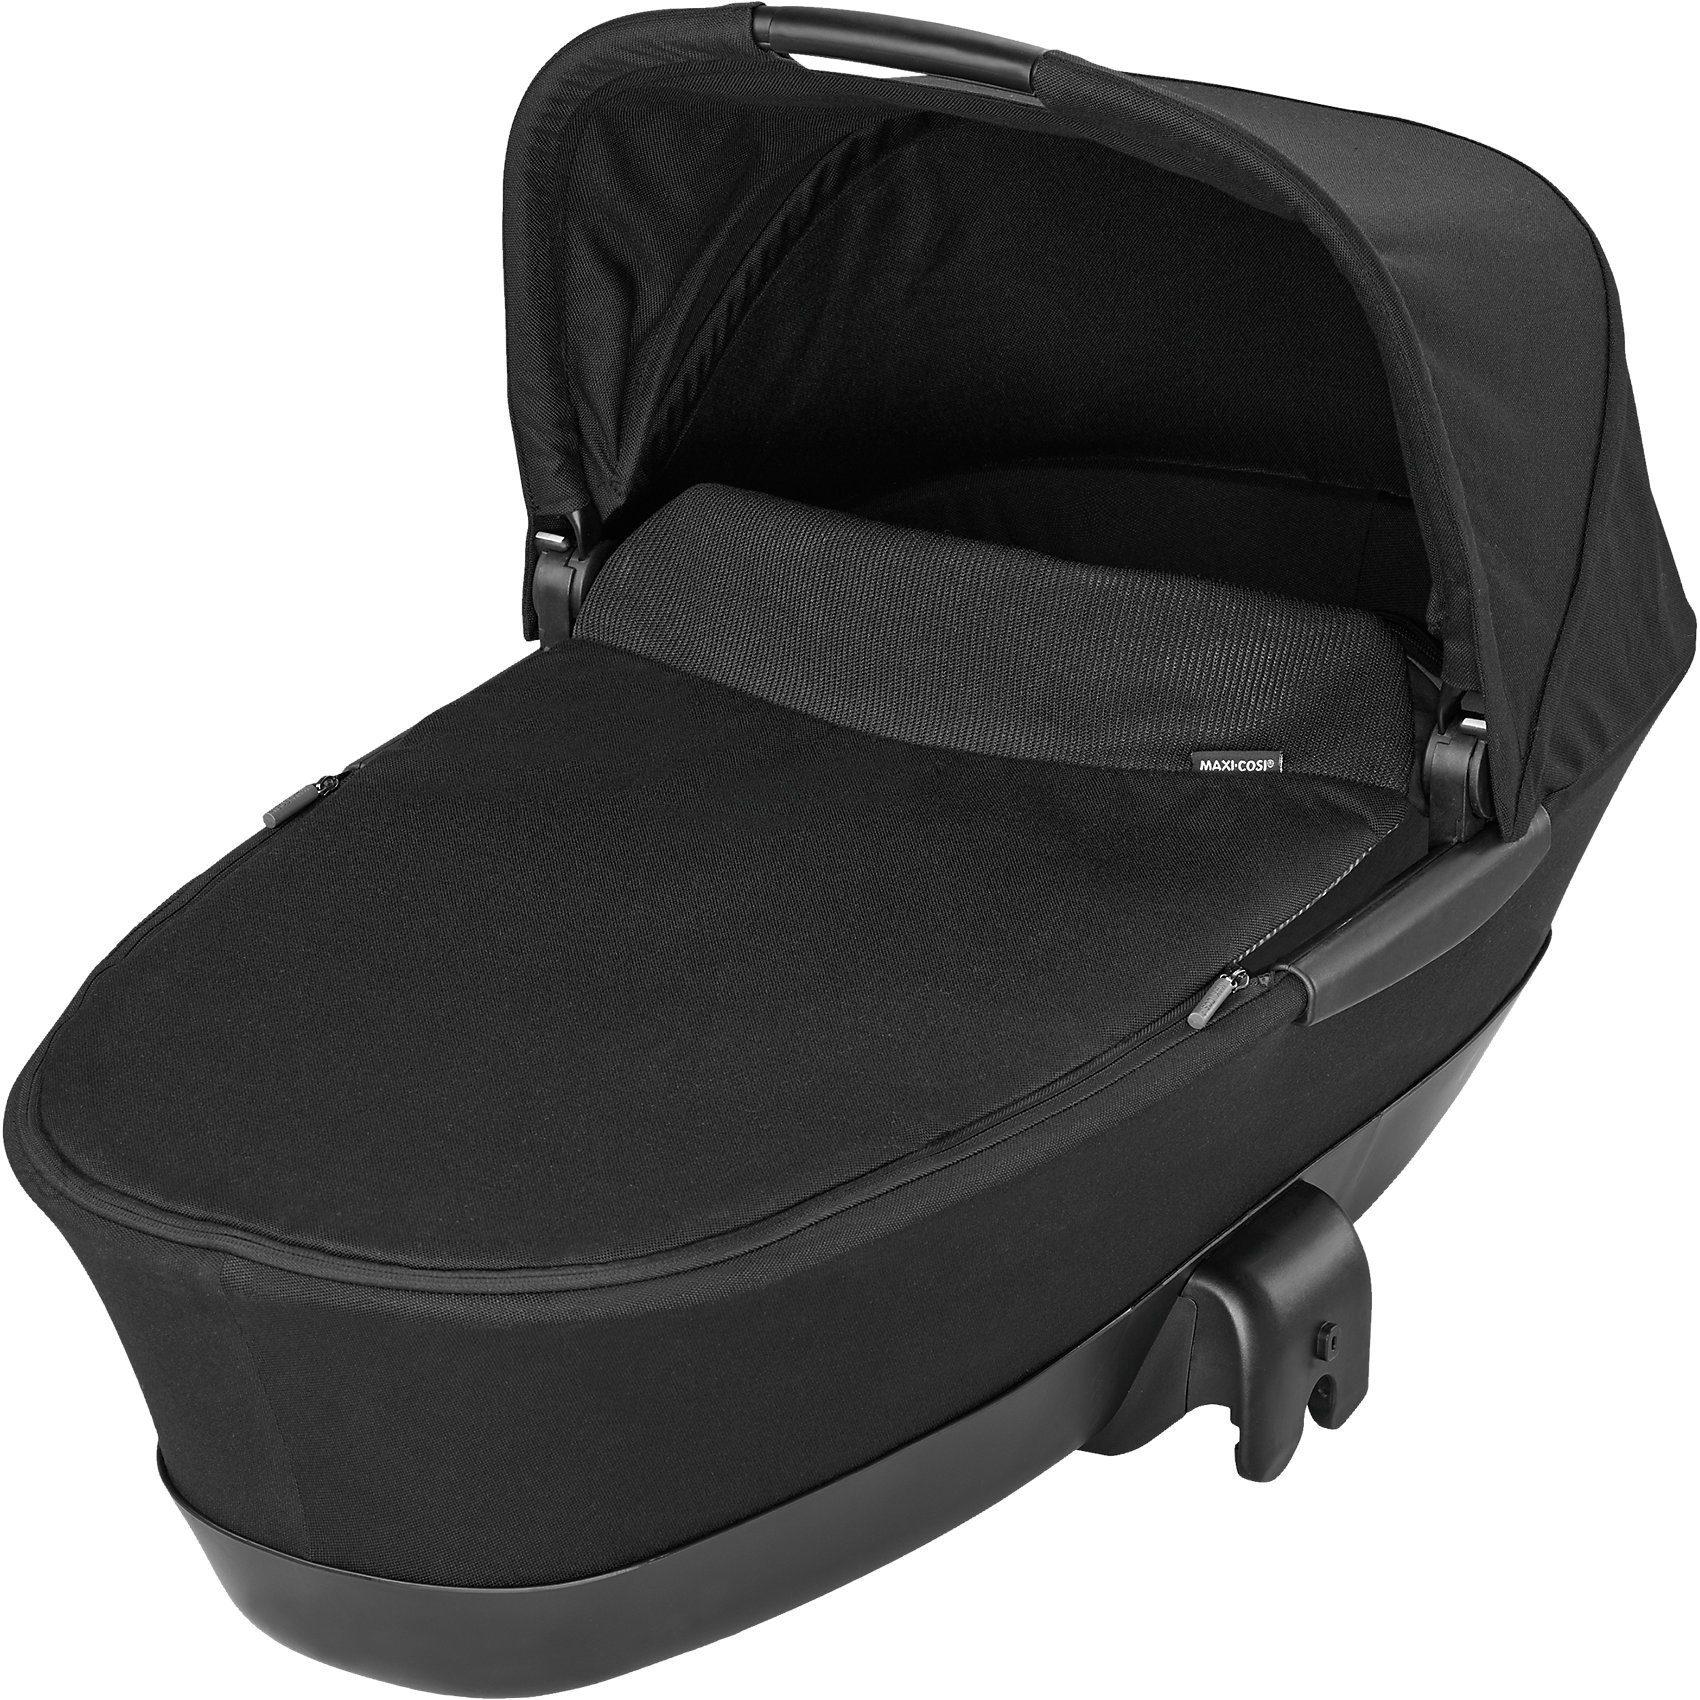 Maxi-Cosi Kinderwagenaufsatz für Dana, Mura und Mura Plus 4, faltbar